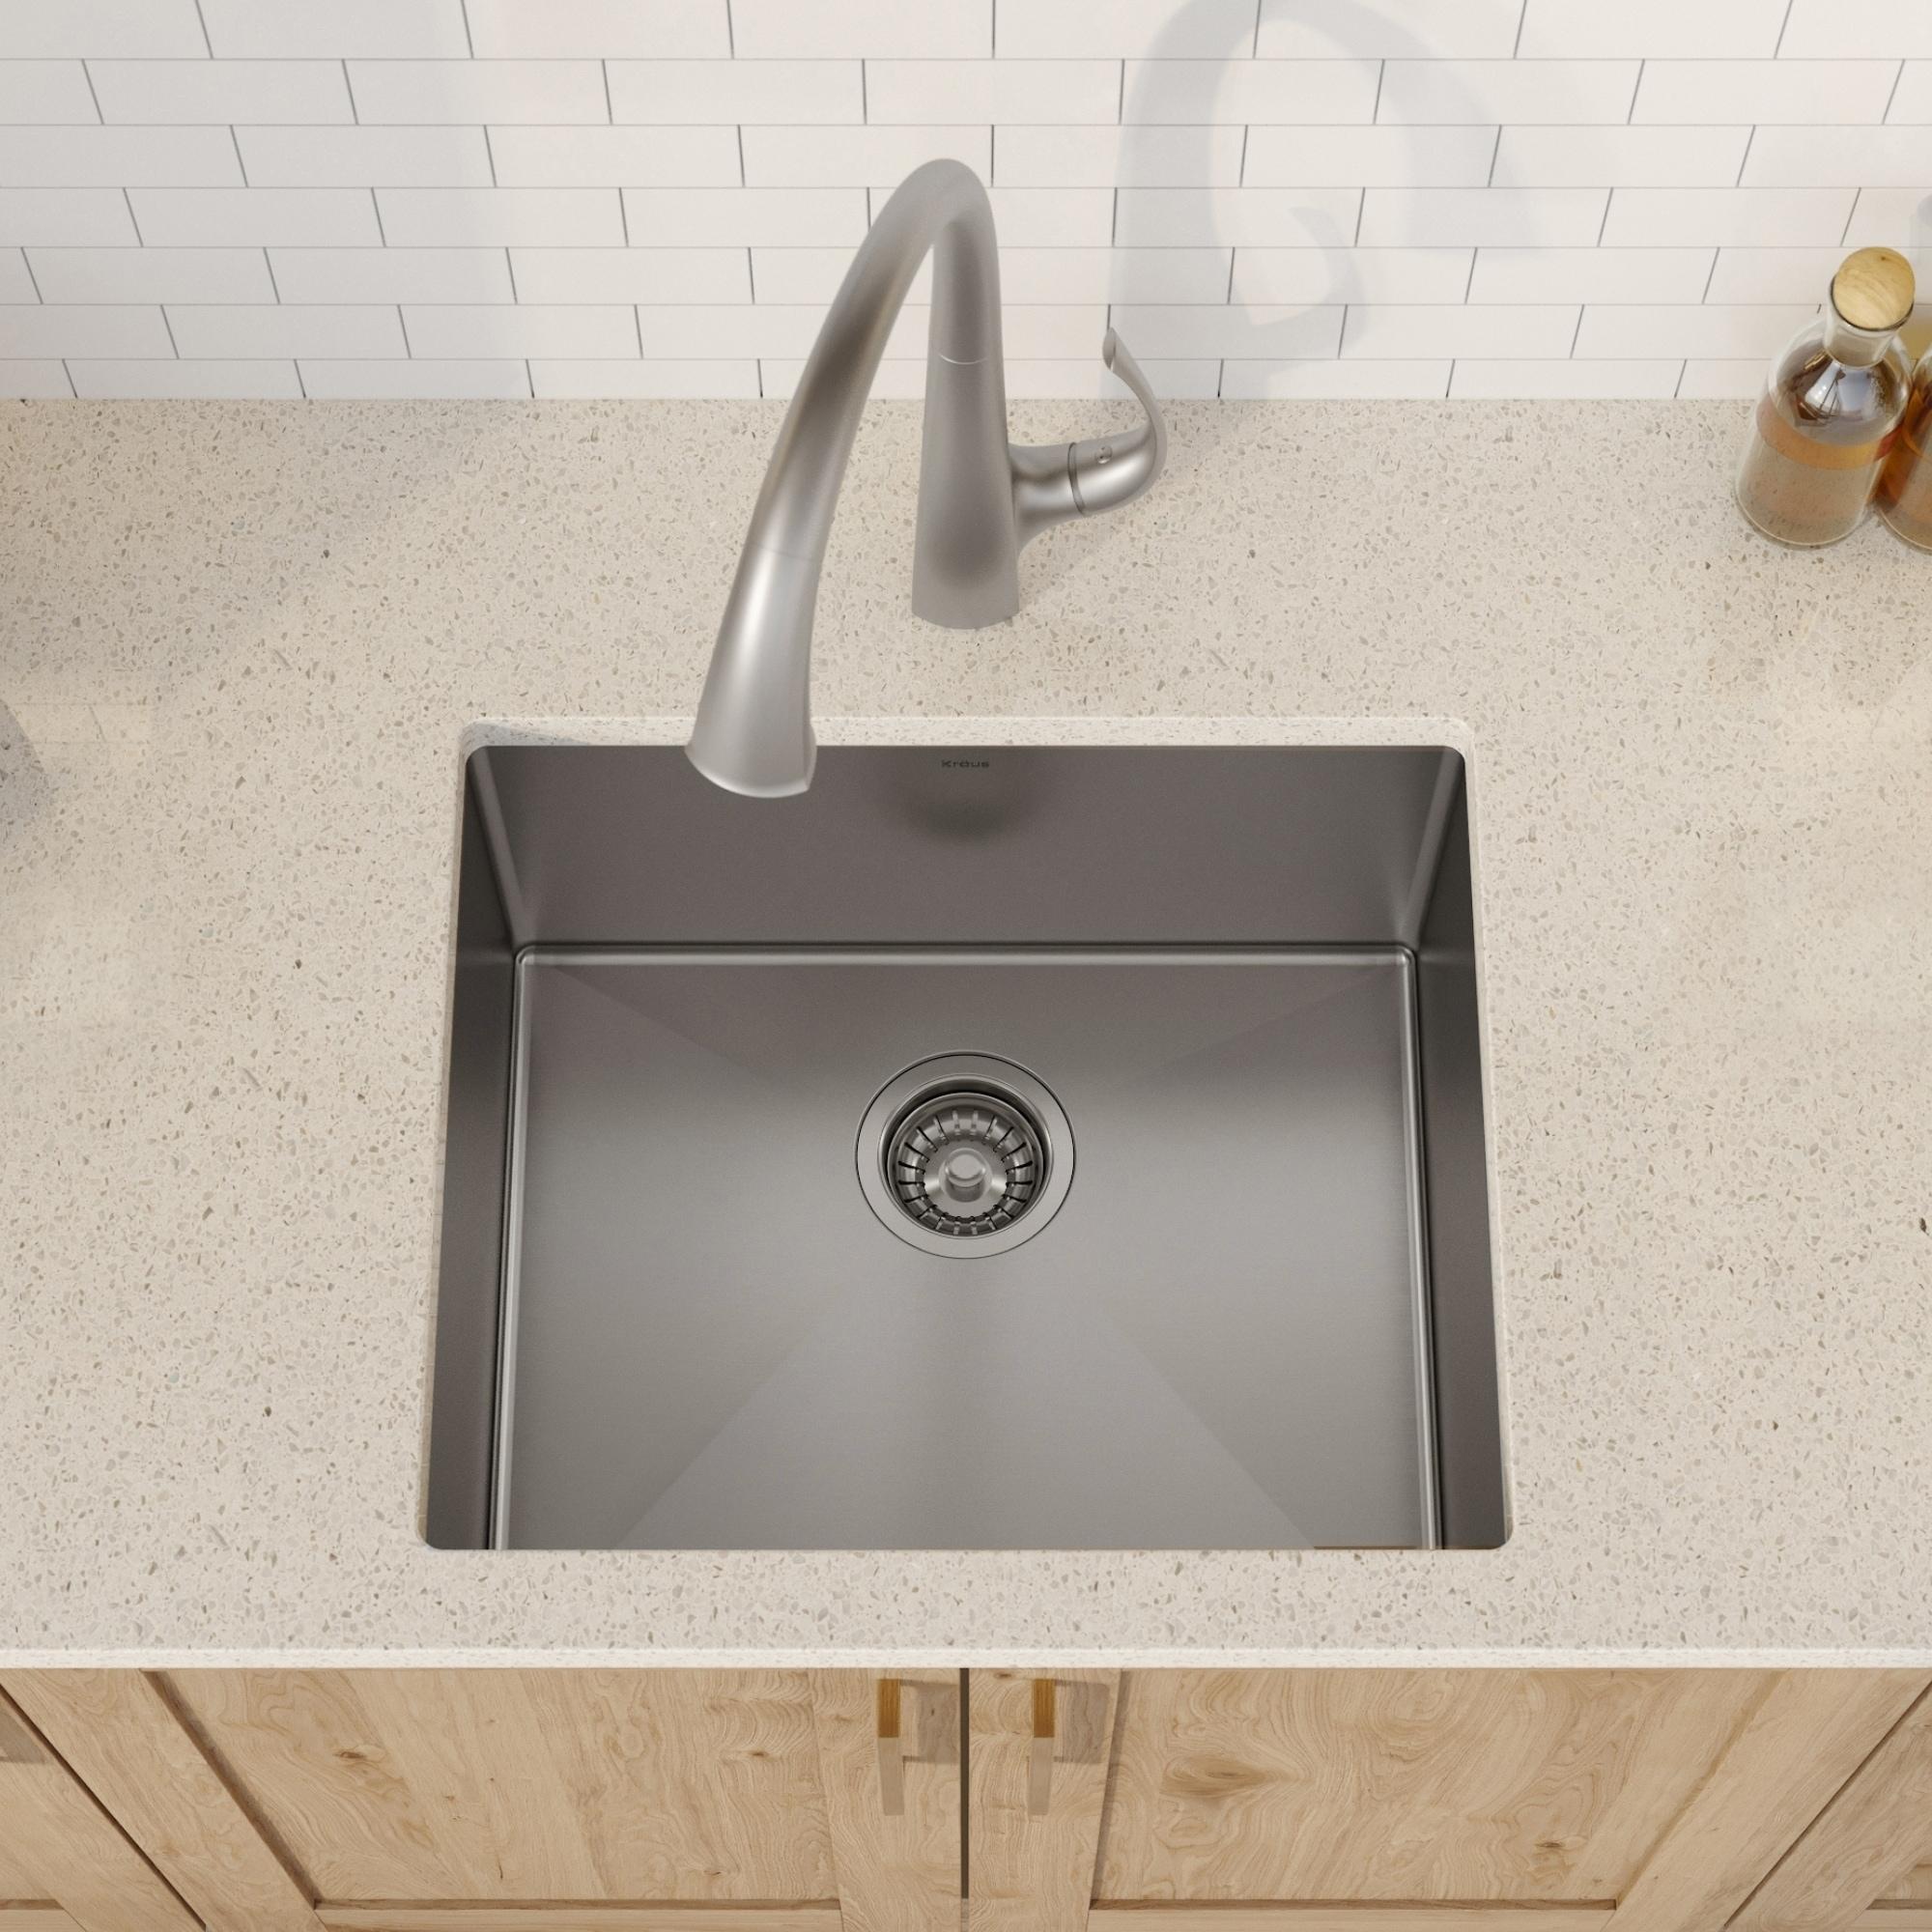 Kraus KHU101-21 Undermount 21 inch 1-Bowl Stainless Steel Kitchen Sink